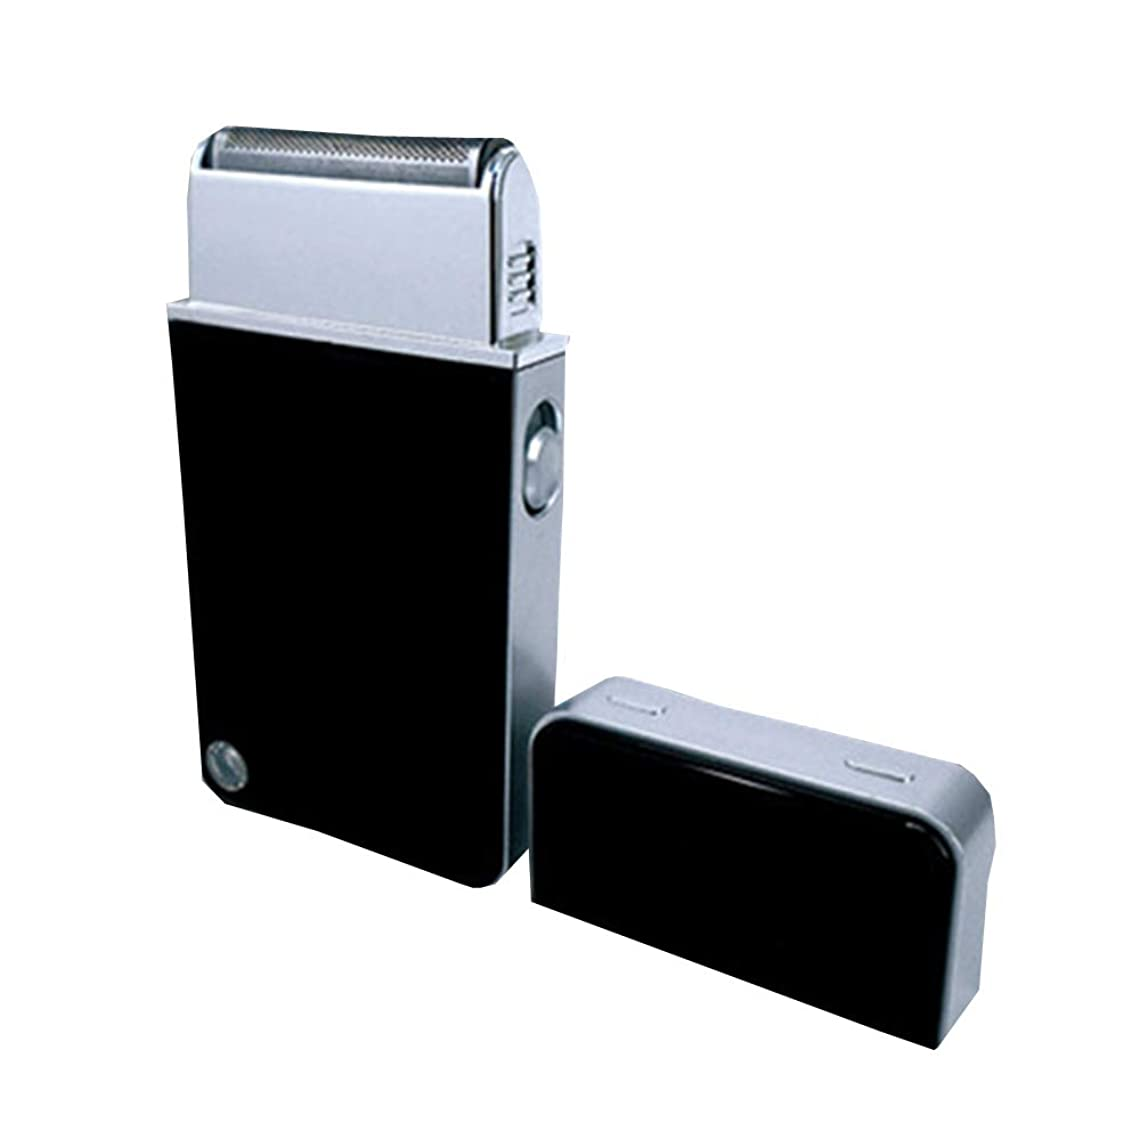 調べる上院議員機関メンズシェーバー USB充電式 電気シェーバー ひげ剃り コンパクト 携帯用シェーバー 旅行用 軽量 ギフトCSH004